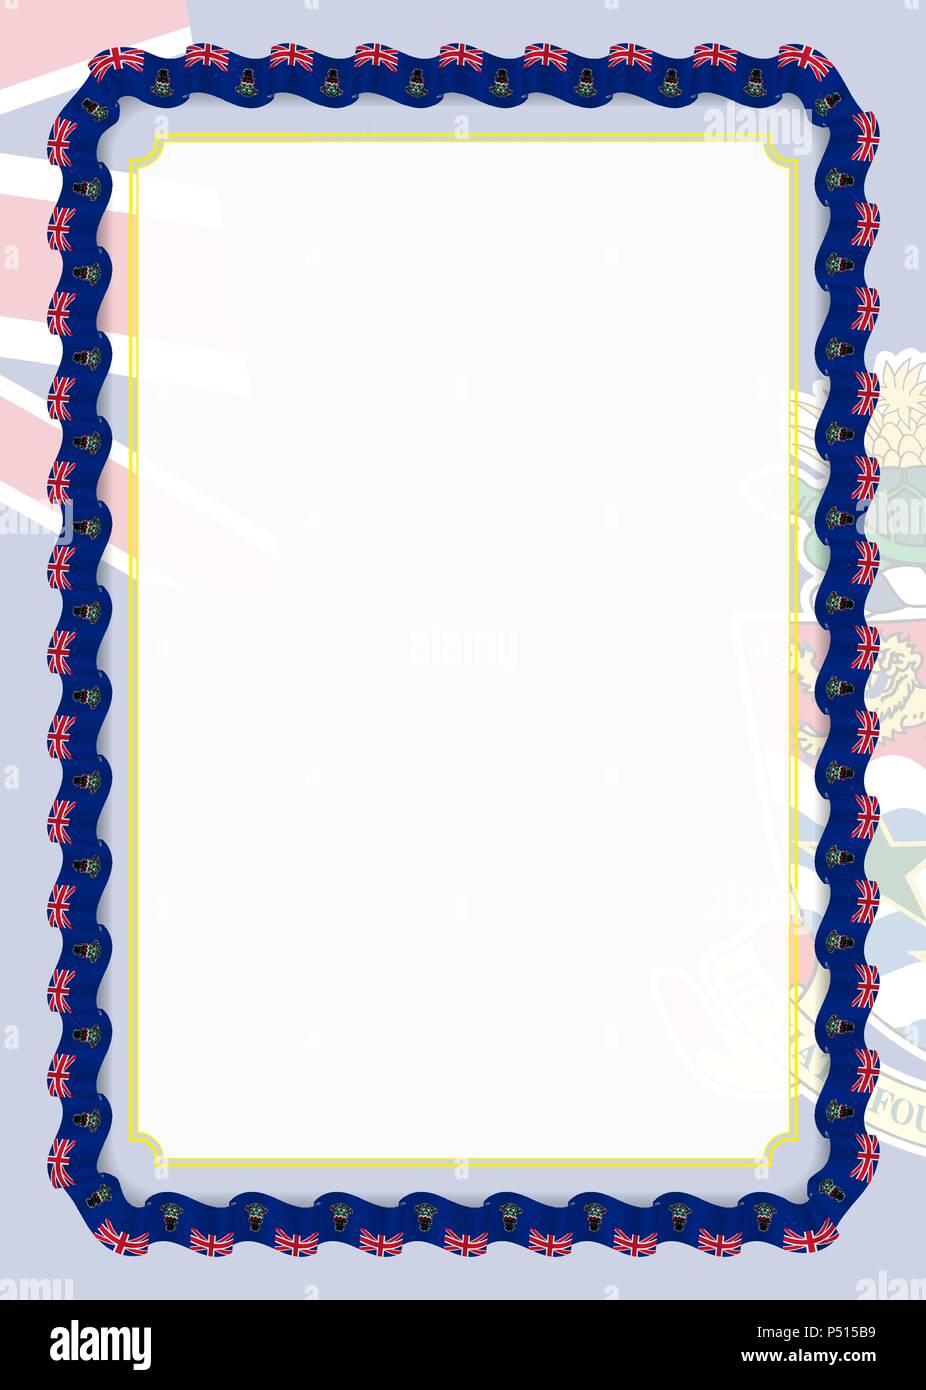 Fein Uva Diplom Rahmen Galerie - Rahmen Ideen - markjohnsonshow.info